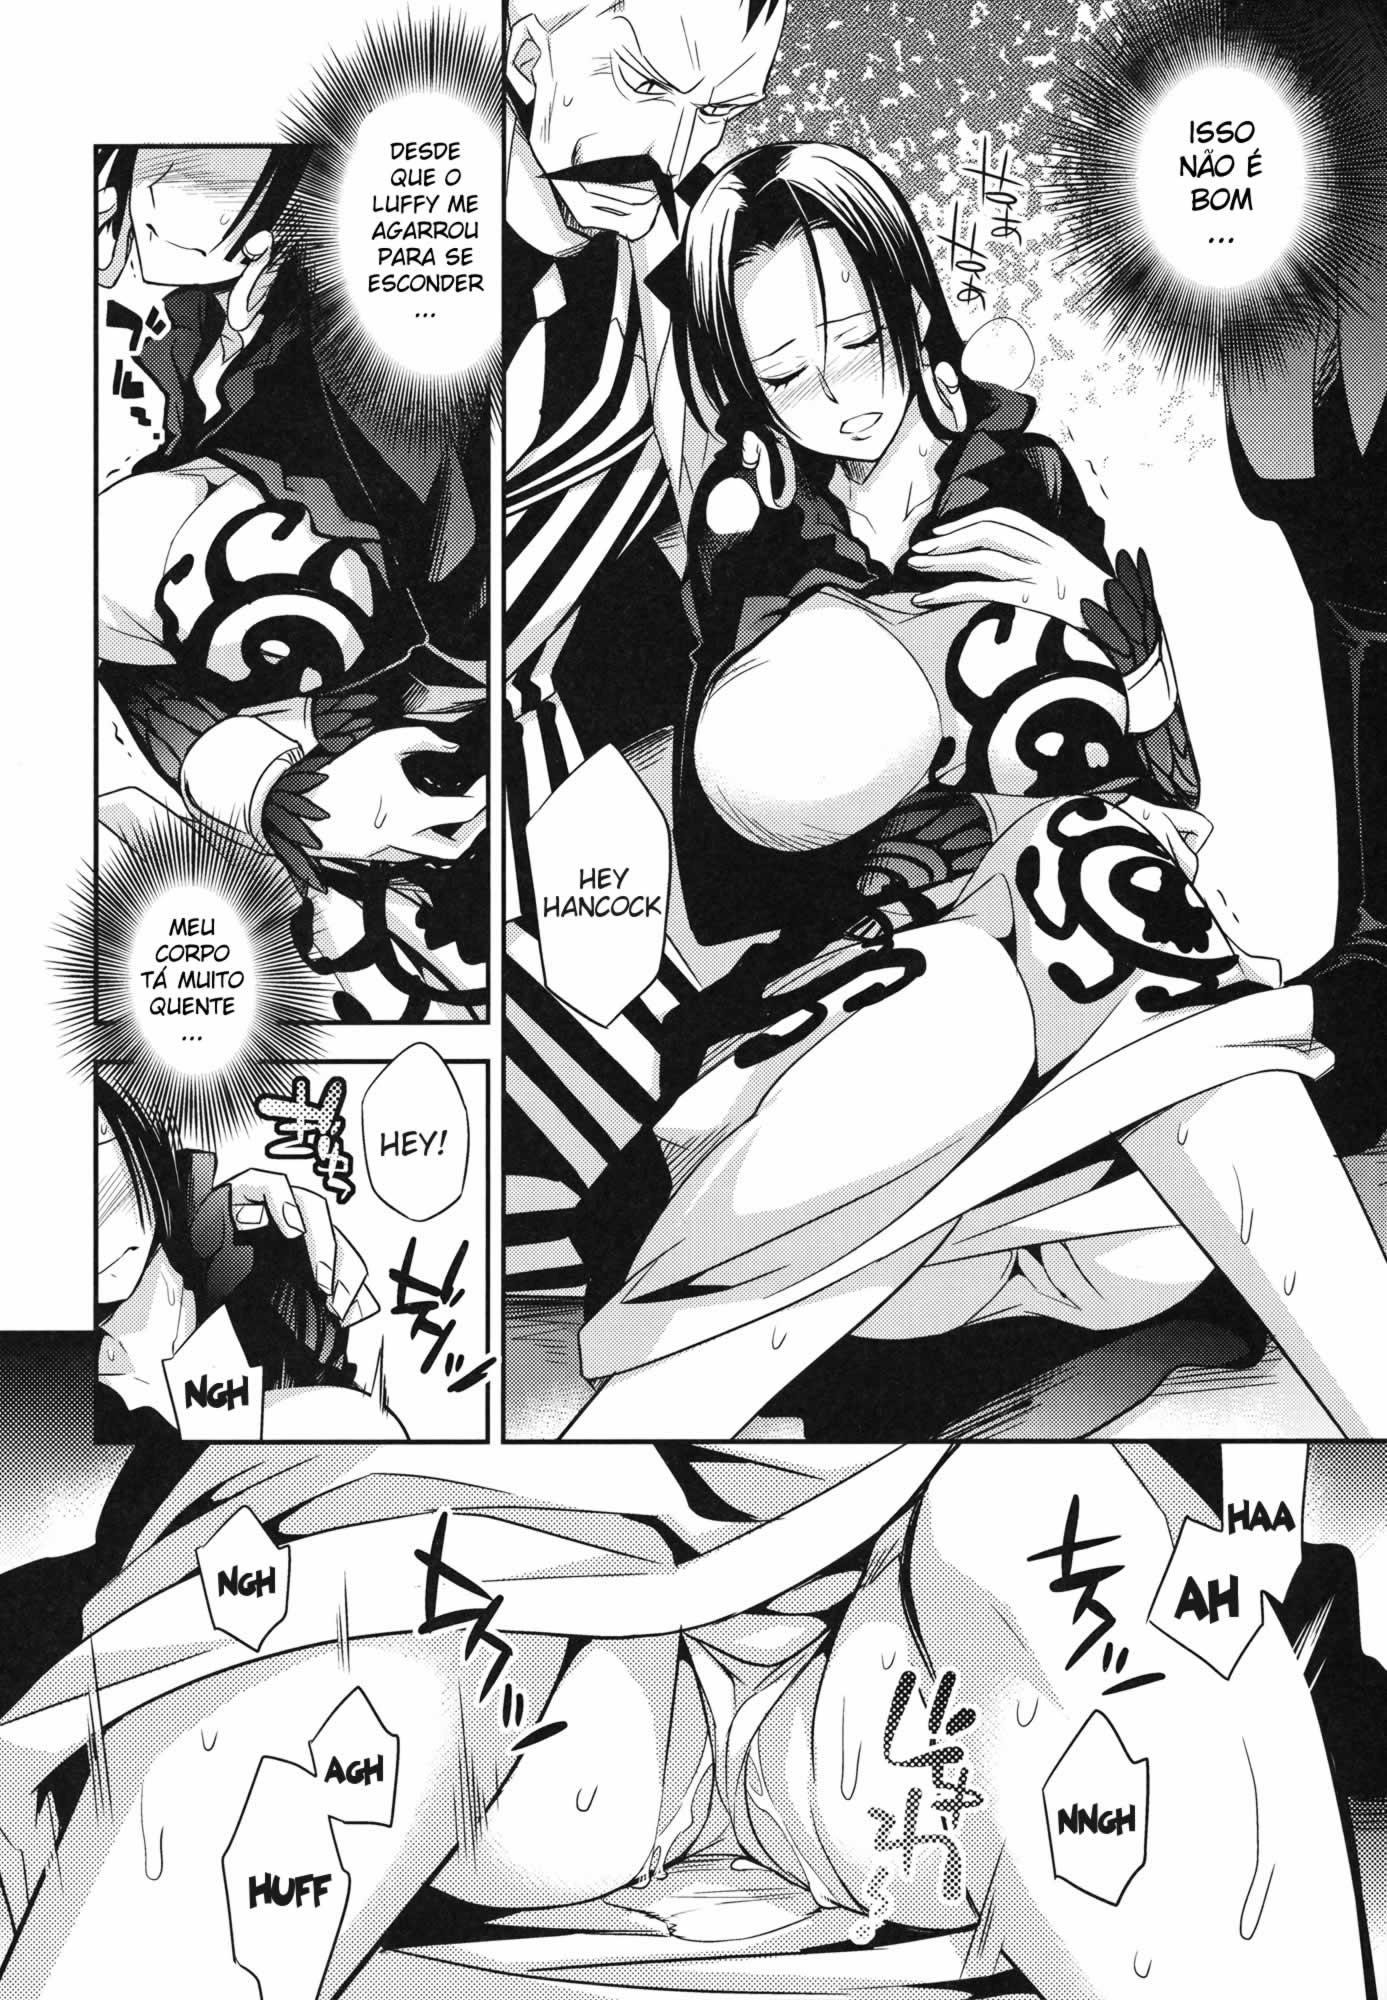 Boa Hancock And Luffy Hentai Top boa hancock estuprada - one piece hentai - hentai database